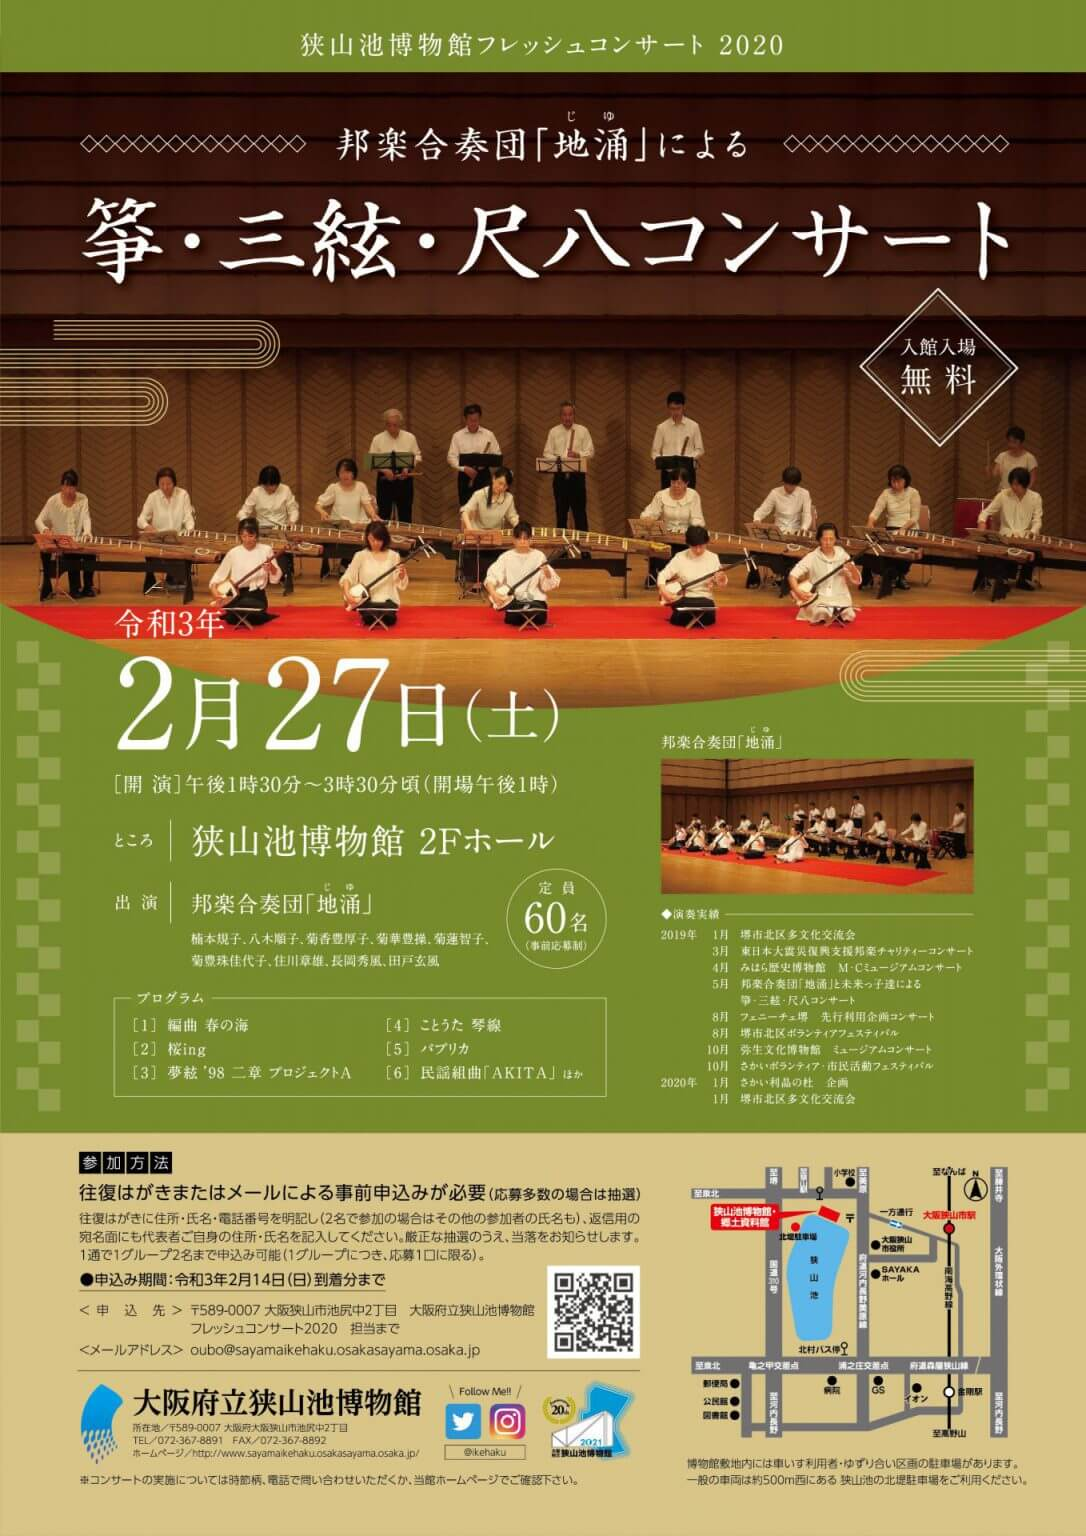 【2021年2月27日】邦楽合奏団「地涌」による箏・三絃・尺八コンサート